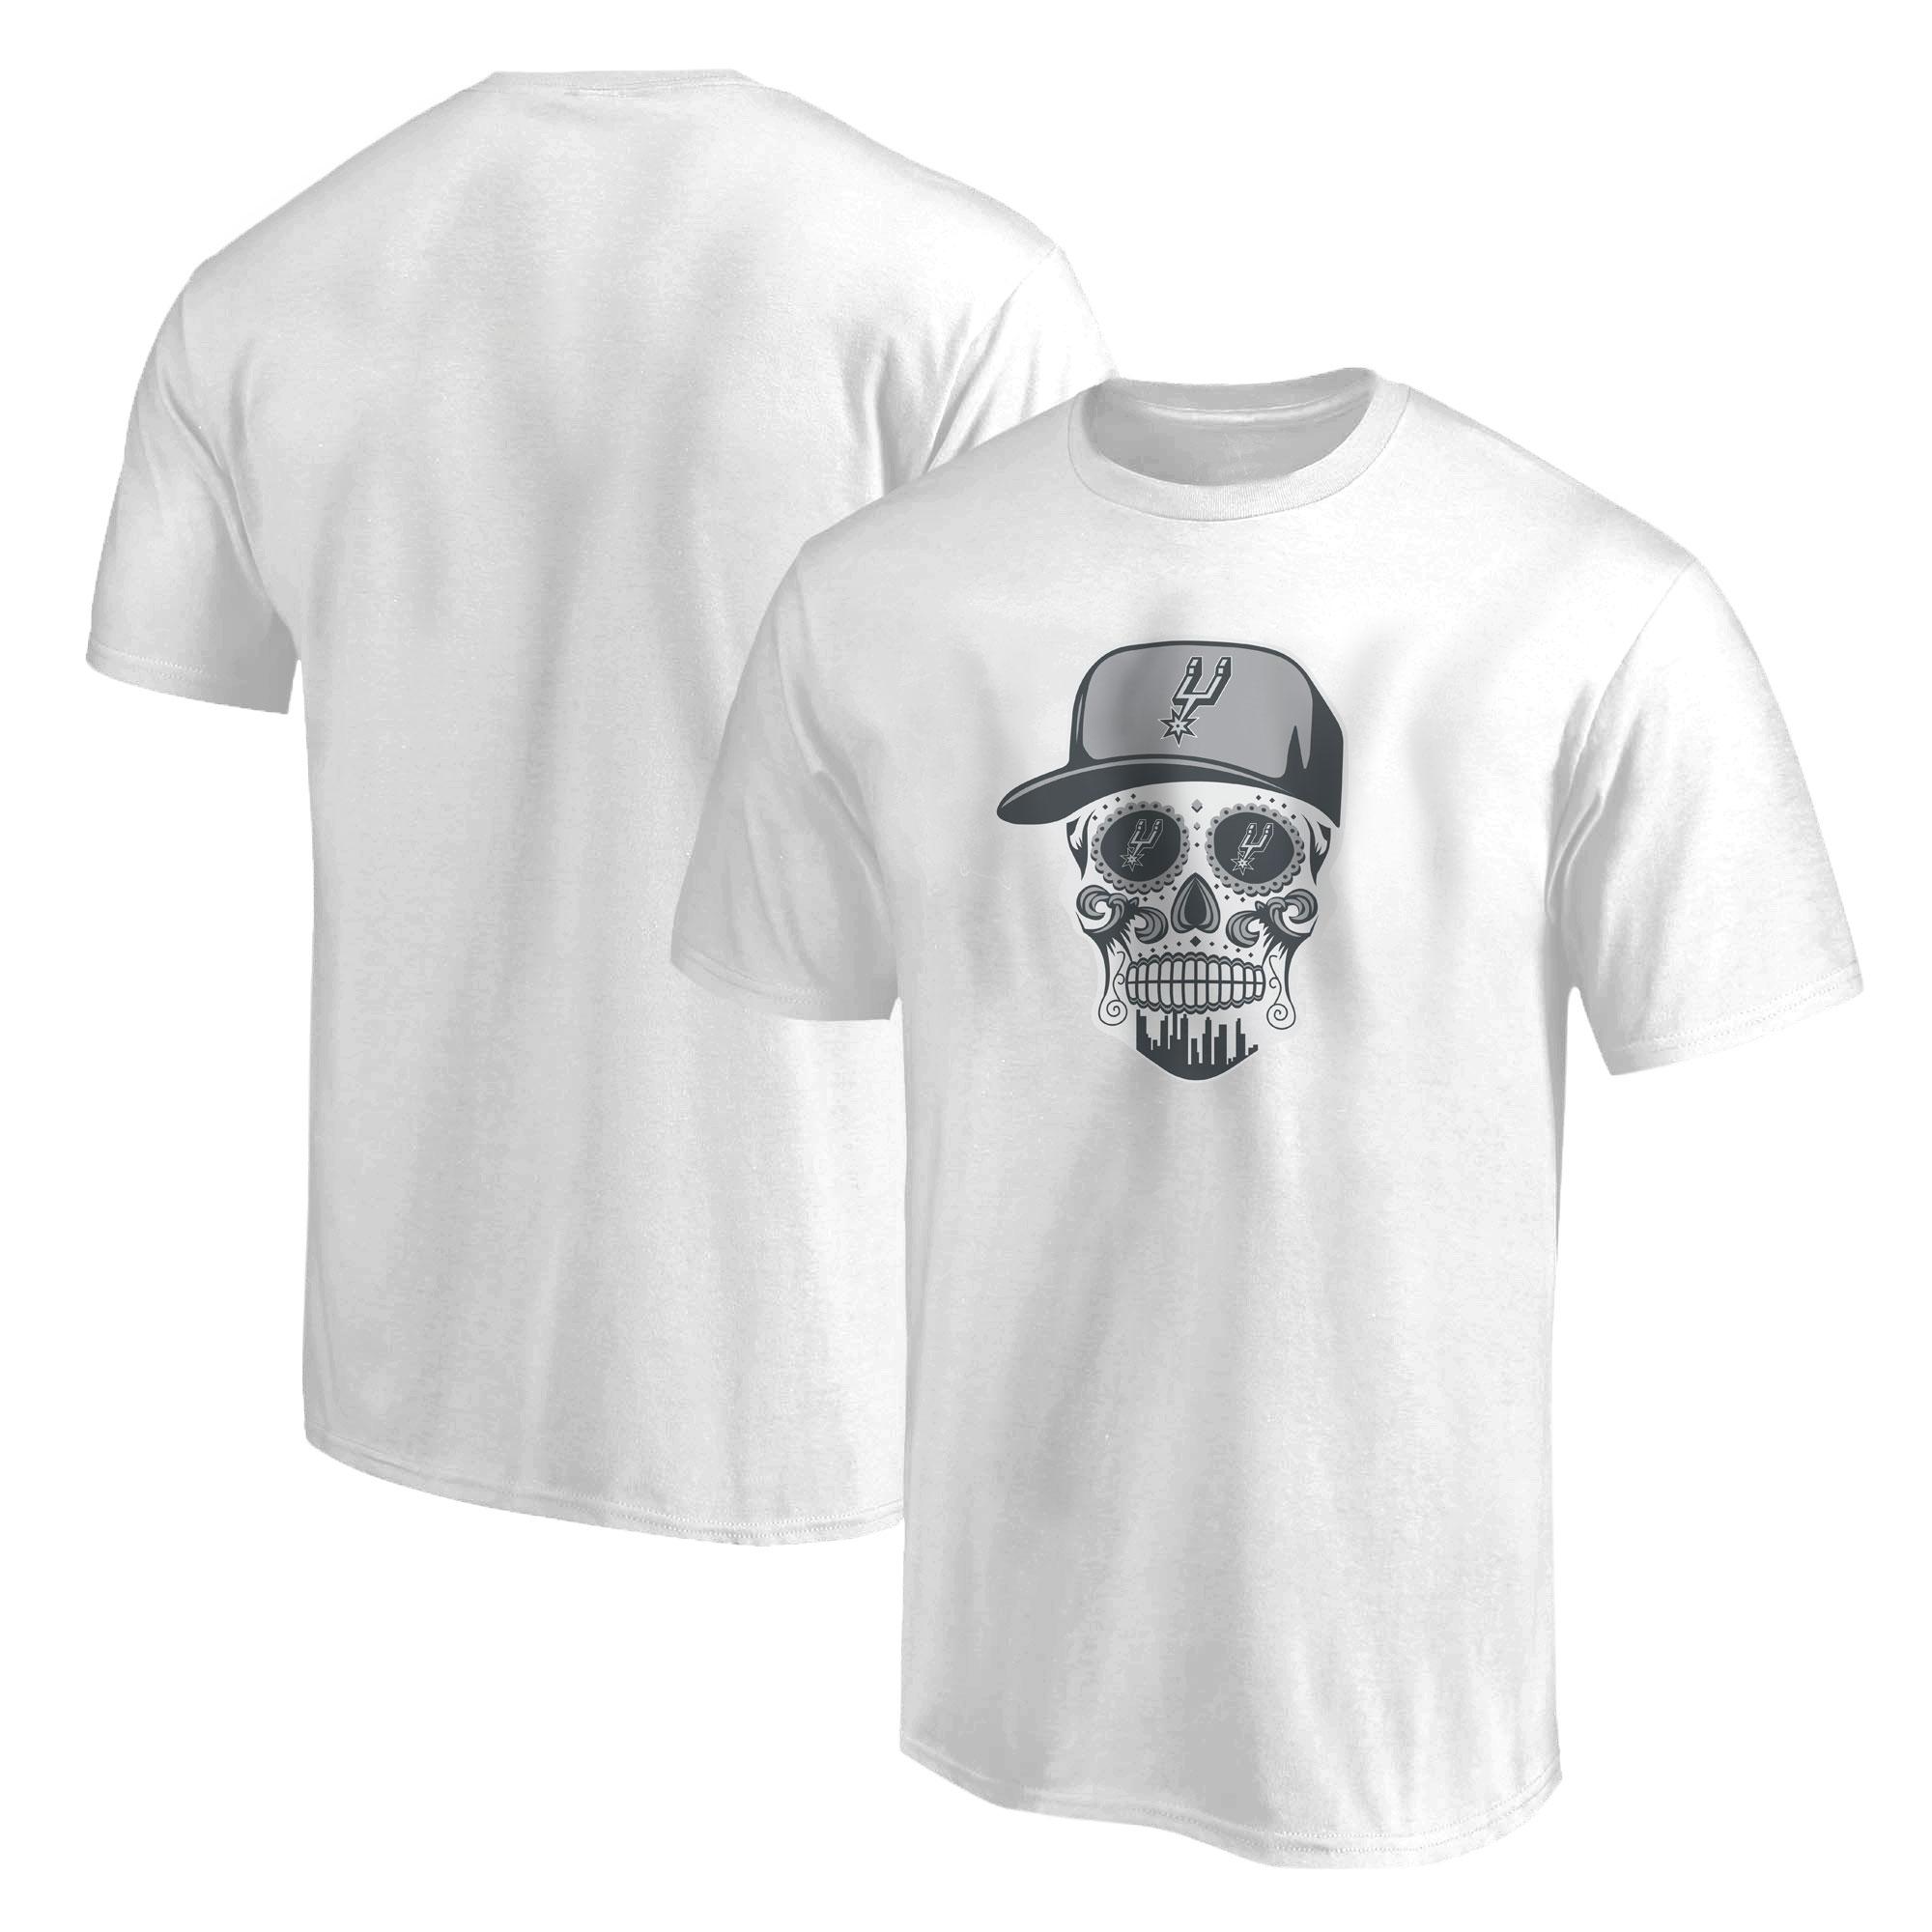 Spurs Skull Tshirt (TSH-WHT-NP-464-SPURS-SKULL)